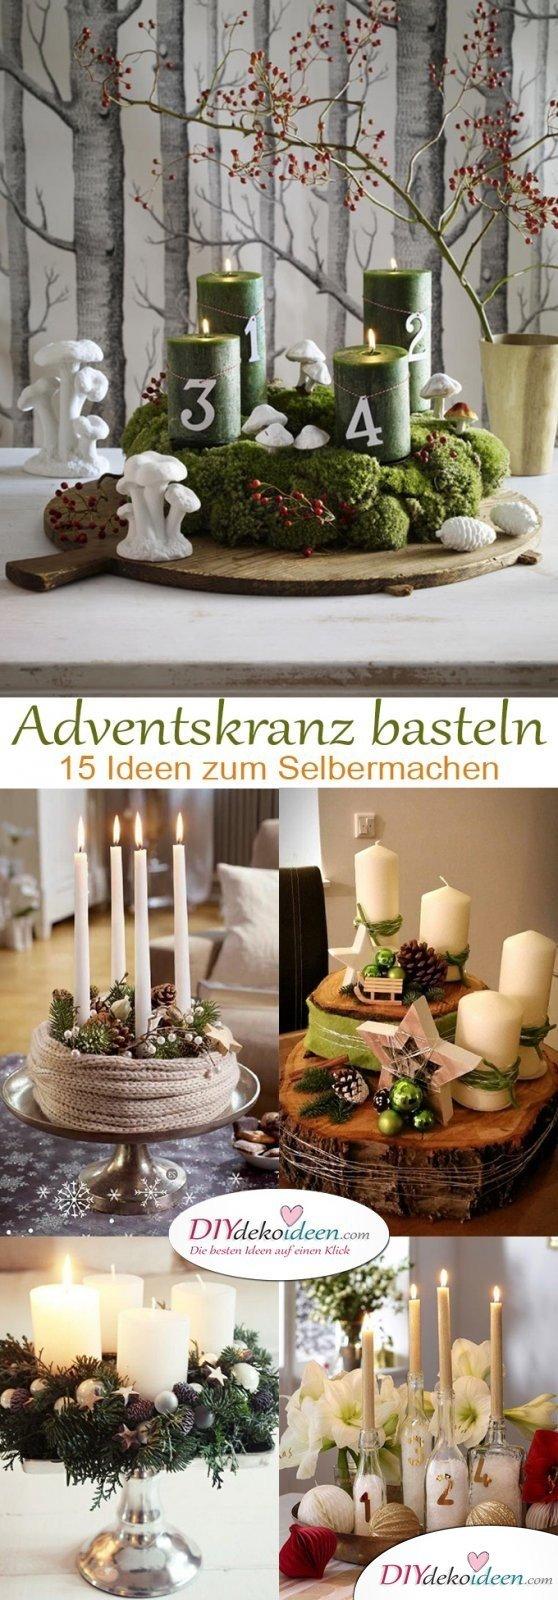 Bezaubernde DIY Bastelideen - Adventskranz basteln in der Vorweihnachtszeit